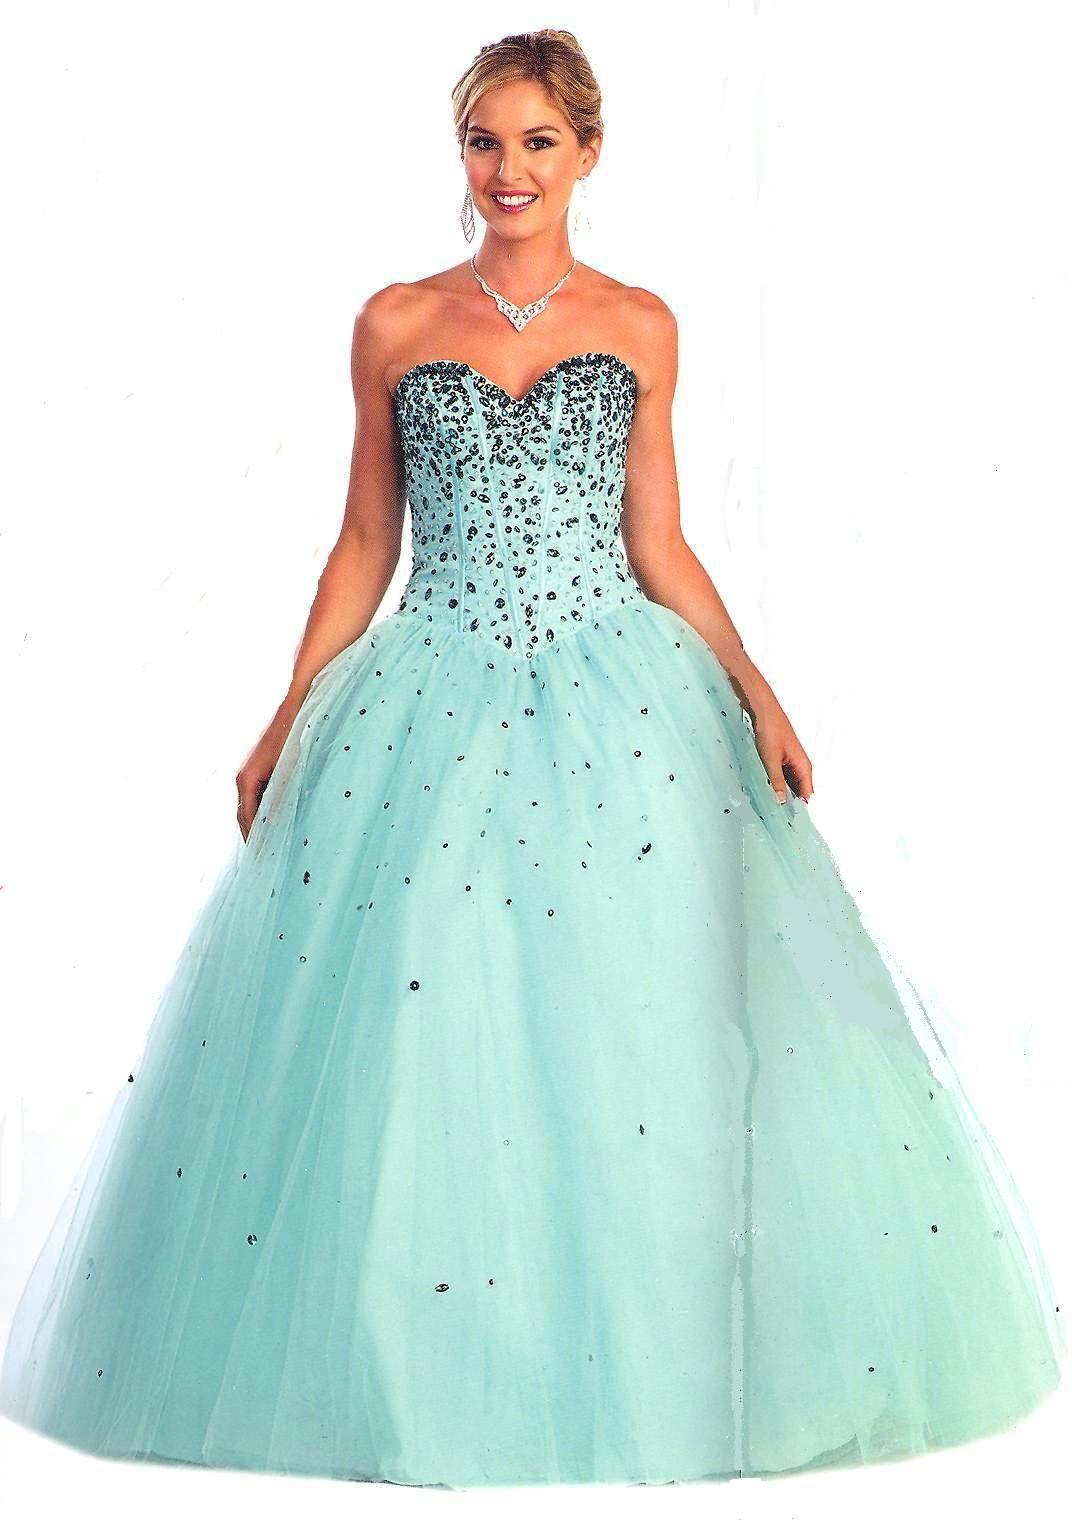 Quinceanera dresses ball gownsucbrueucbruecorset sweetheart bodice